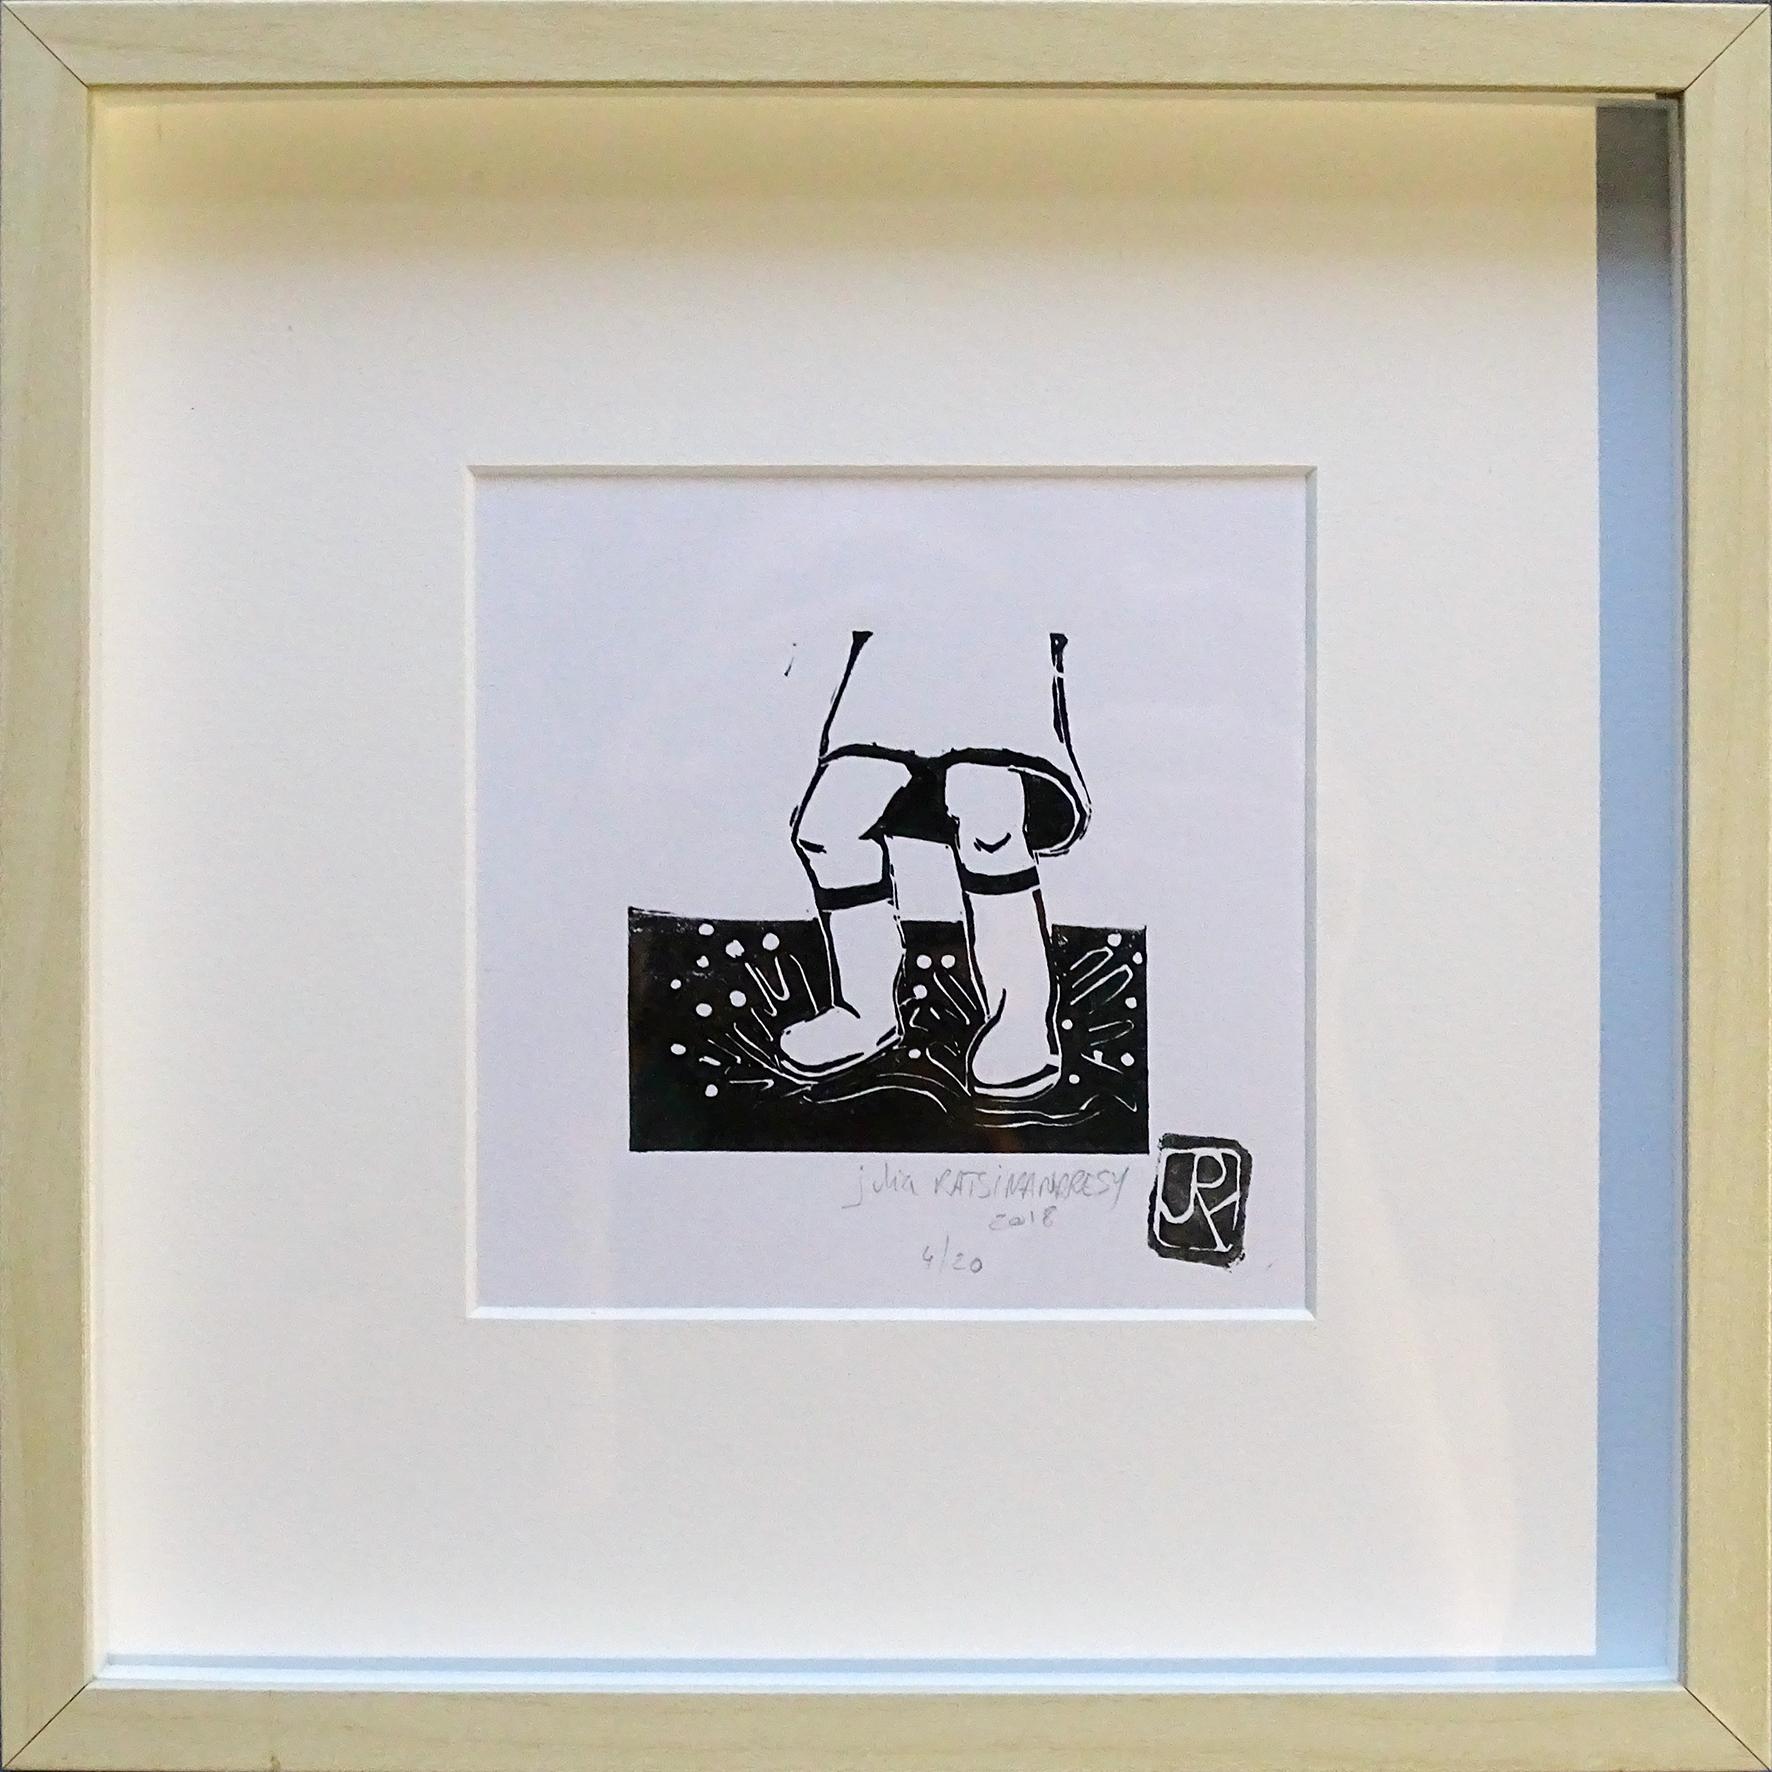 """""""Vive la pluie I"""" ©Julia Ratsimandresy / Linogravure encadrée / Cadre couleur bois+faux verre 25x25 cm / 50€ hors fdp / Dernier exemplaire!"""